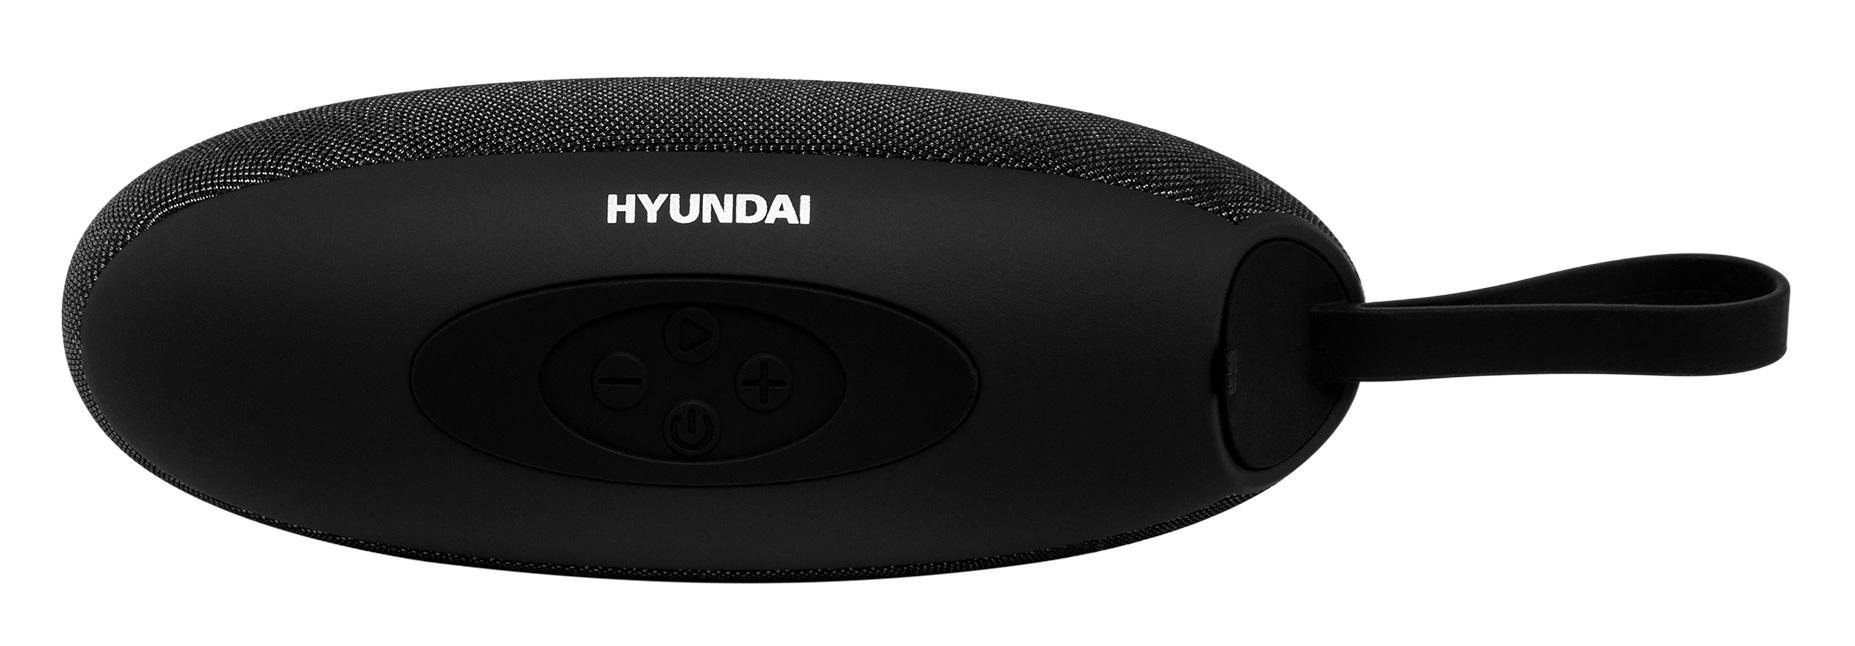 Колонка порт. Hyundai H-PAC260 черный/черный 5W 1.0 BT/3.5Jack/USB 10м 1500mAh